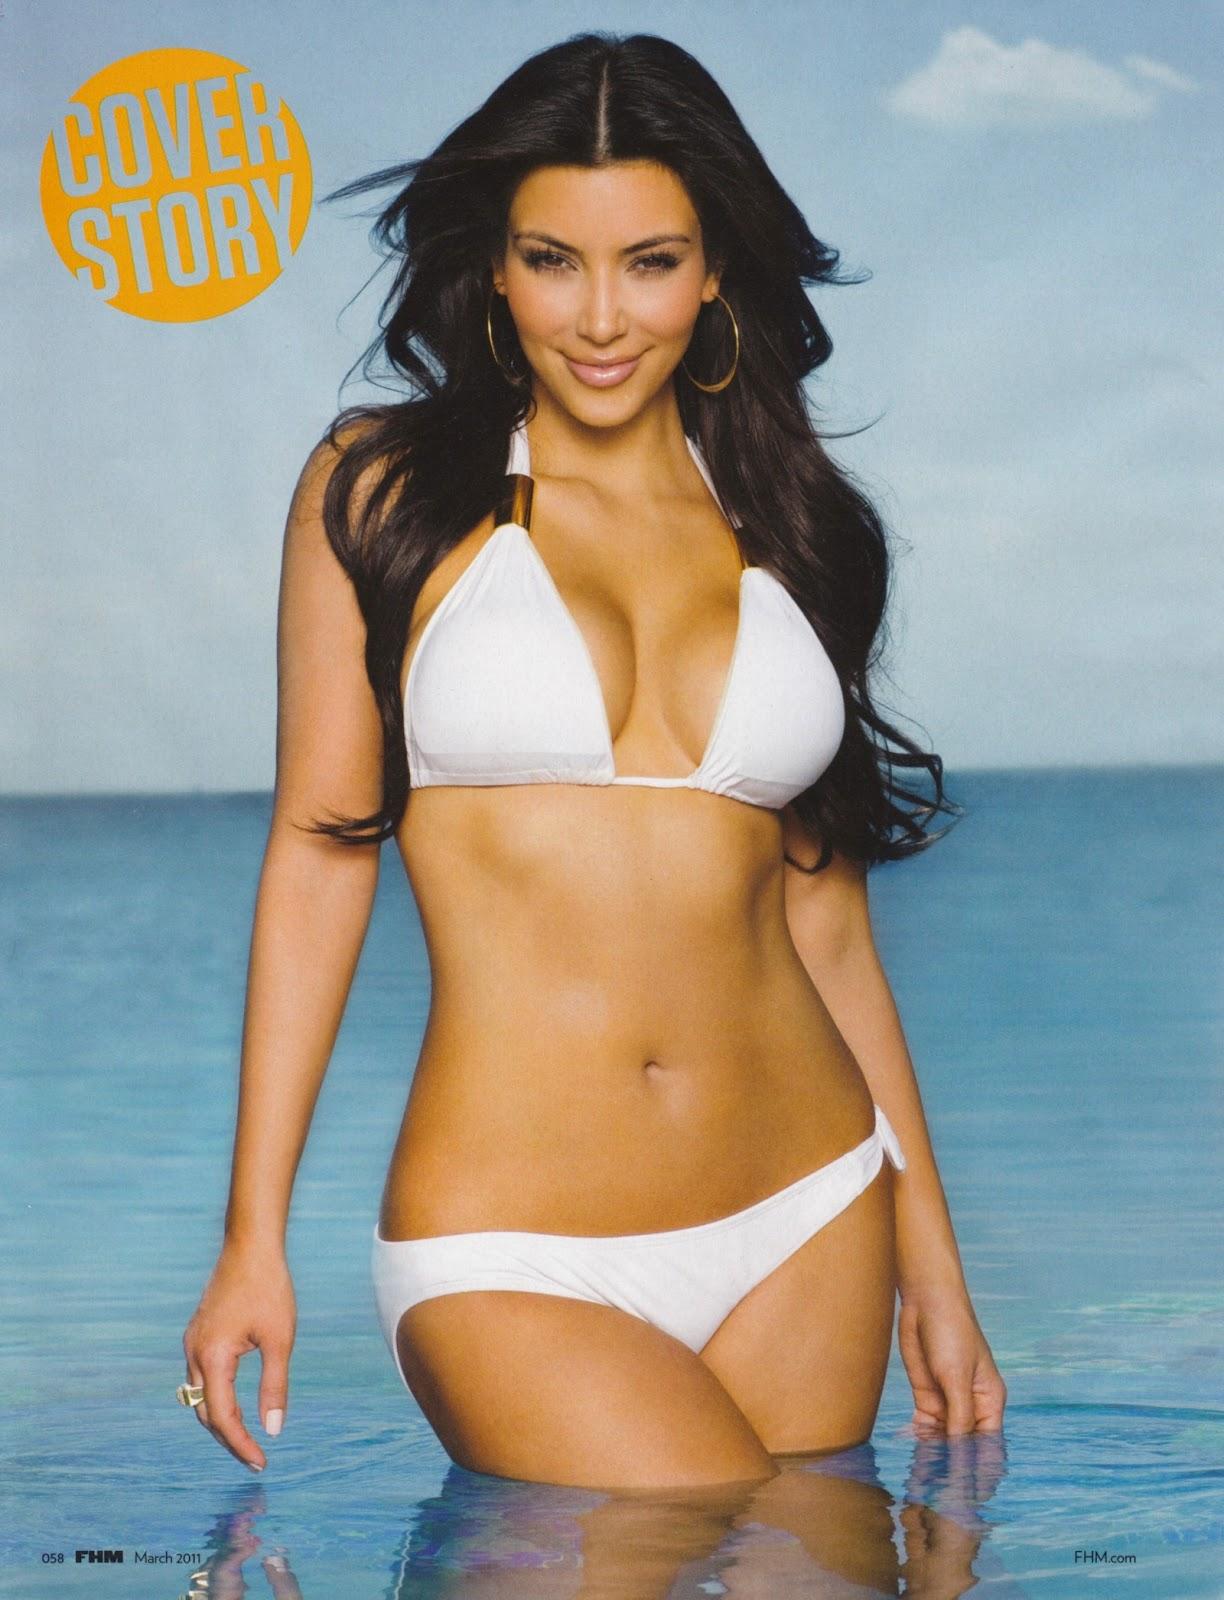 http://4.bp.blogspot.com/-6SqsiwHJtFE/TzLmjngEpKI/AAAAAAAACk0/hf9TLWWSogM/s1600/kim-kardashian-fhm-uk-kim+k+2012+ydurrani.blogspot.com+%25282%2529.jpg